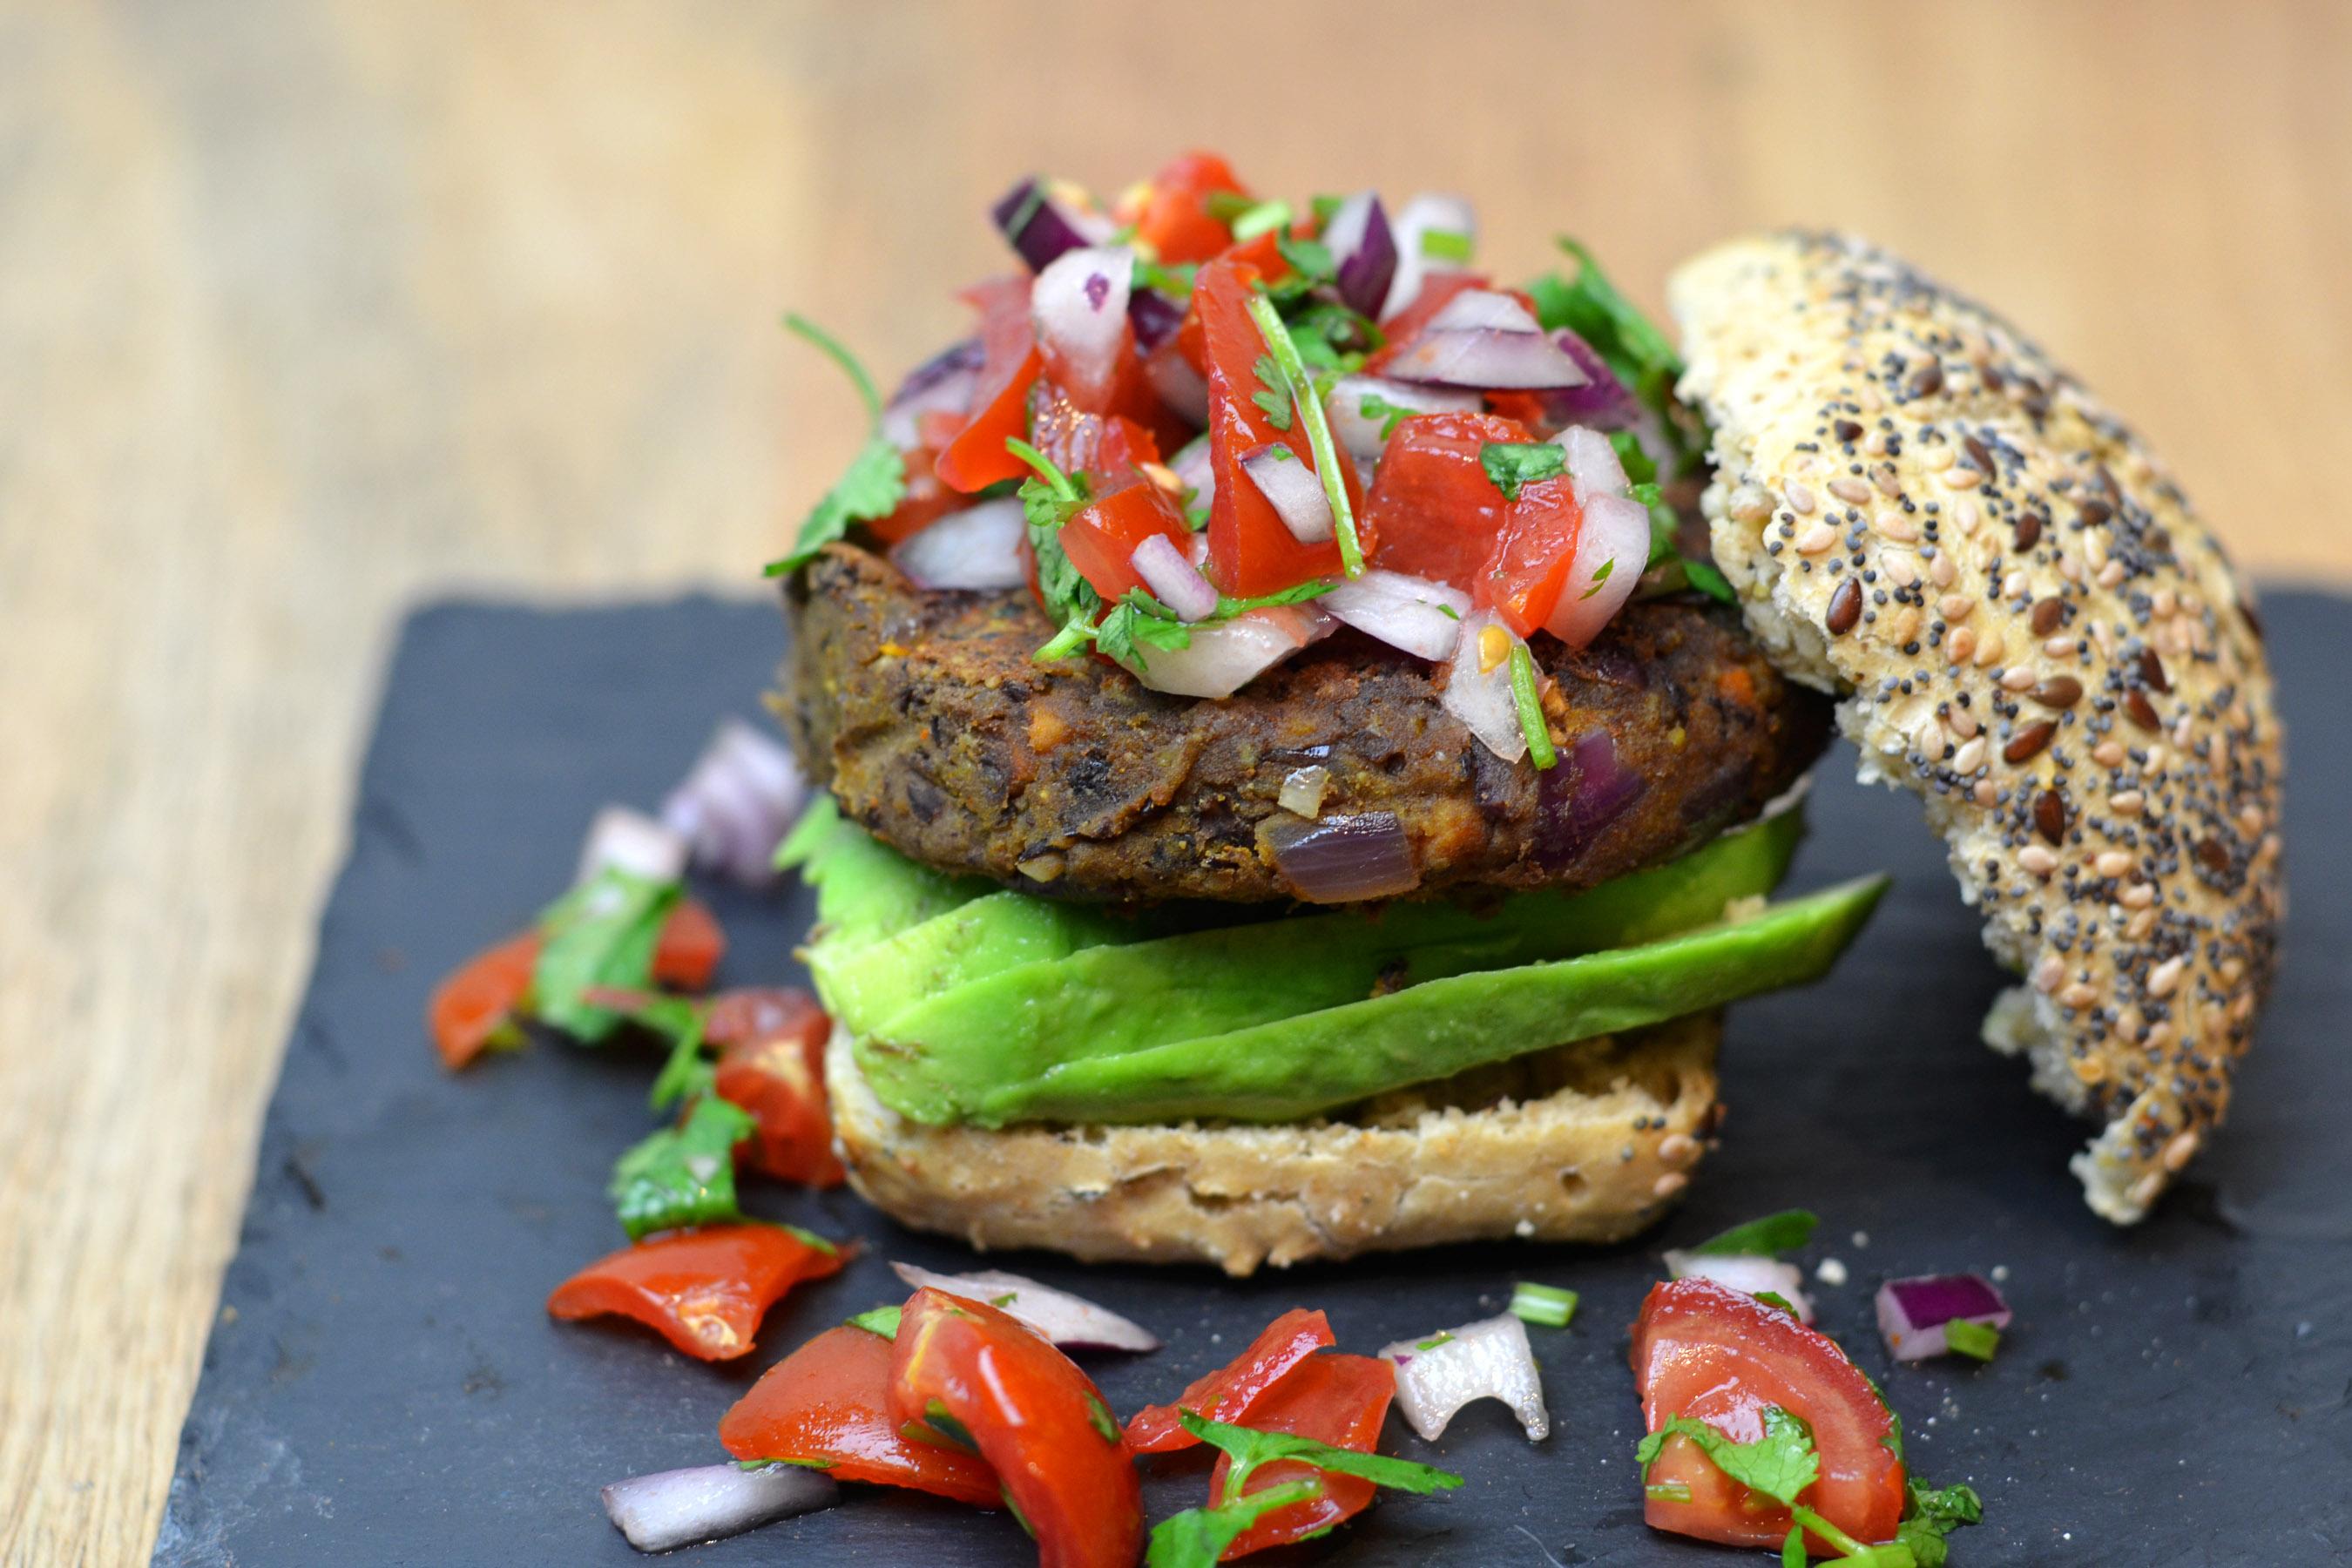 vegan-burgers-femfem